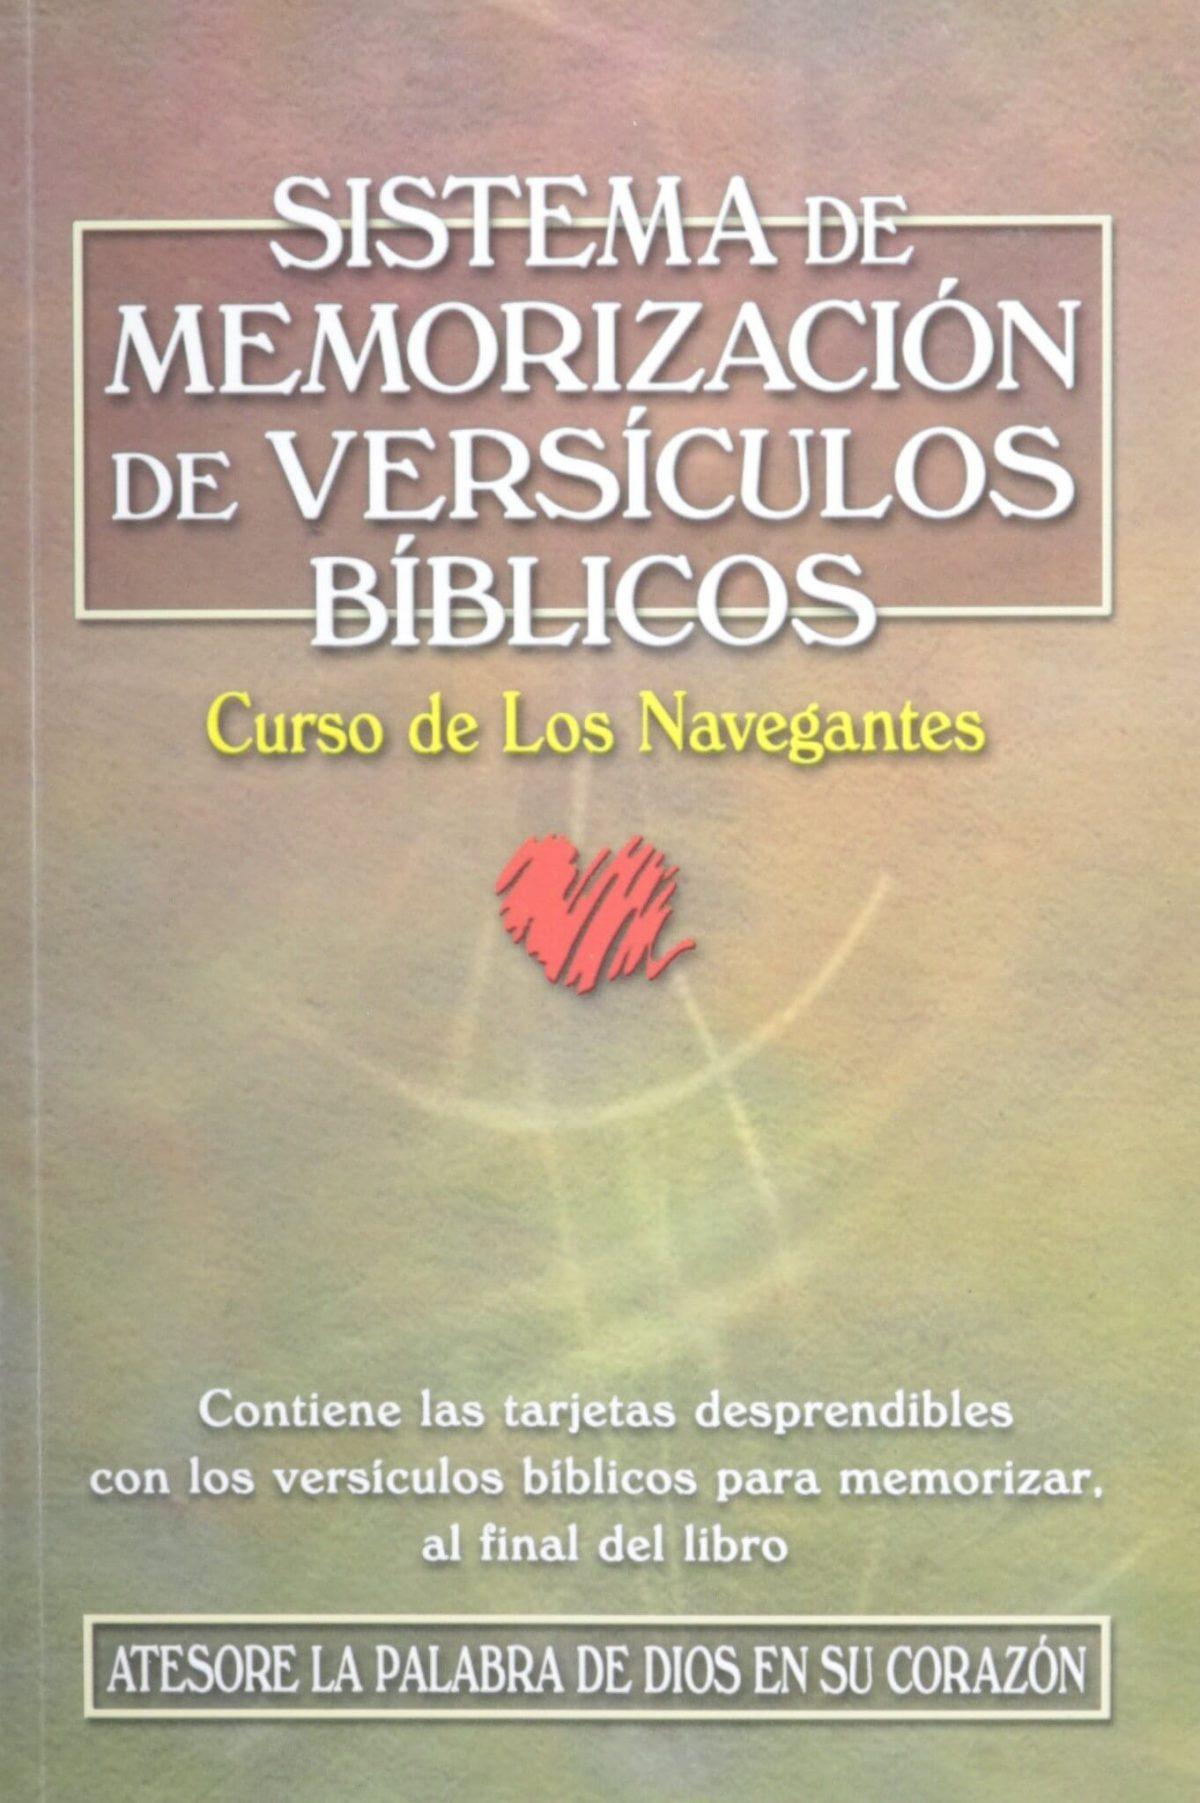 SISTEMA DE MEMORIZACION VERSICULOS